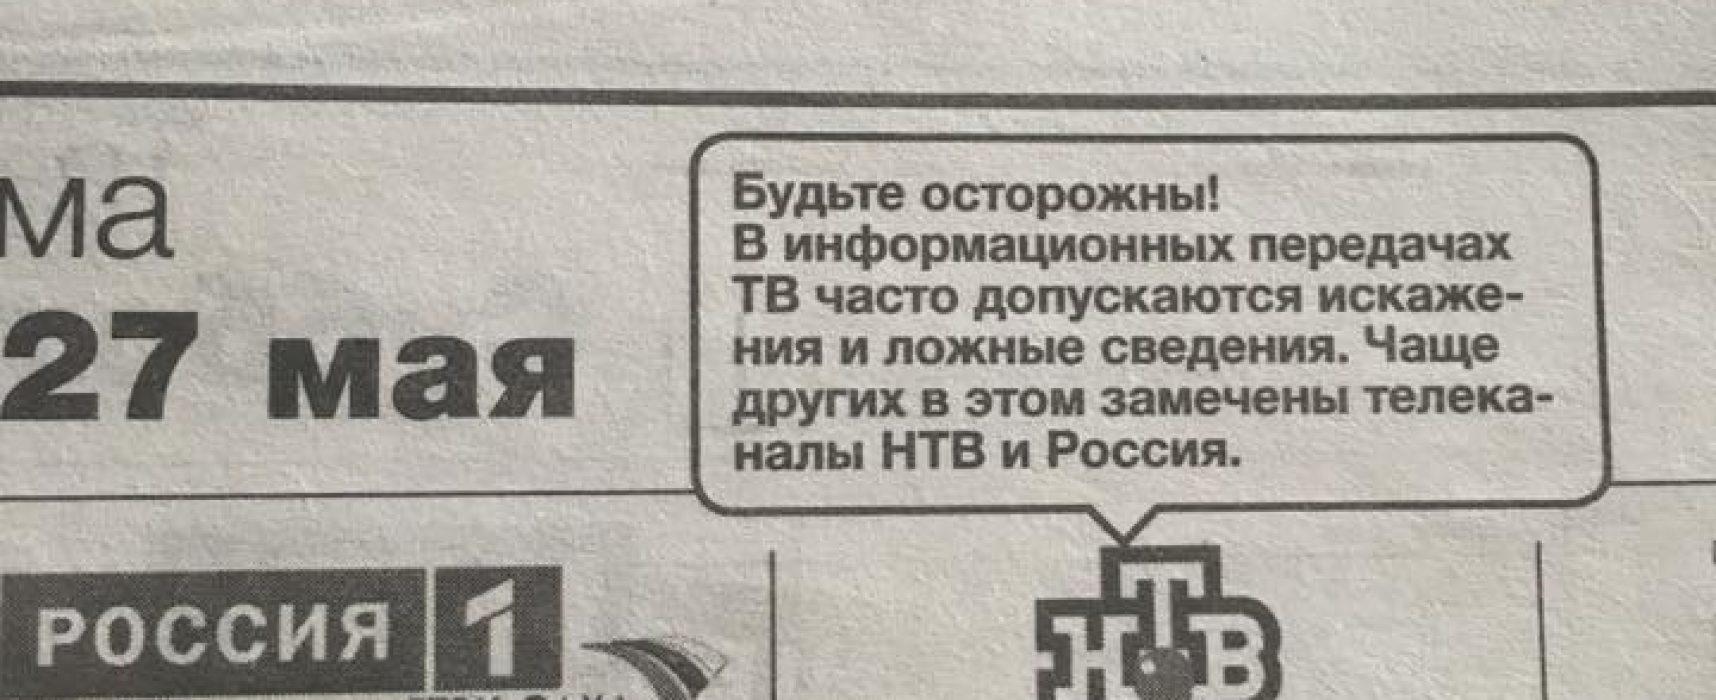 Un journal en ligne Yakoute a mis en garde ses lecteurs au sujet de «fausses informations» sur les chaînes de télévision les plus importantes